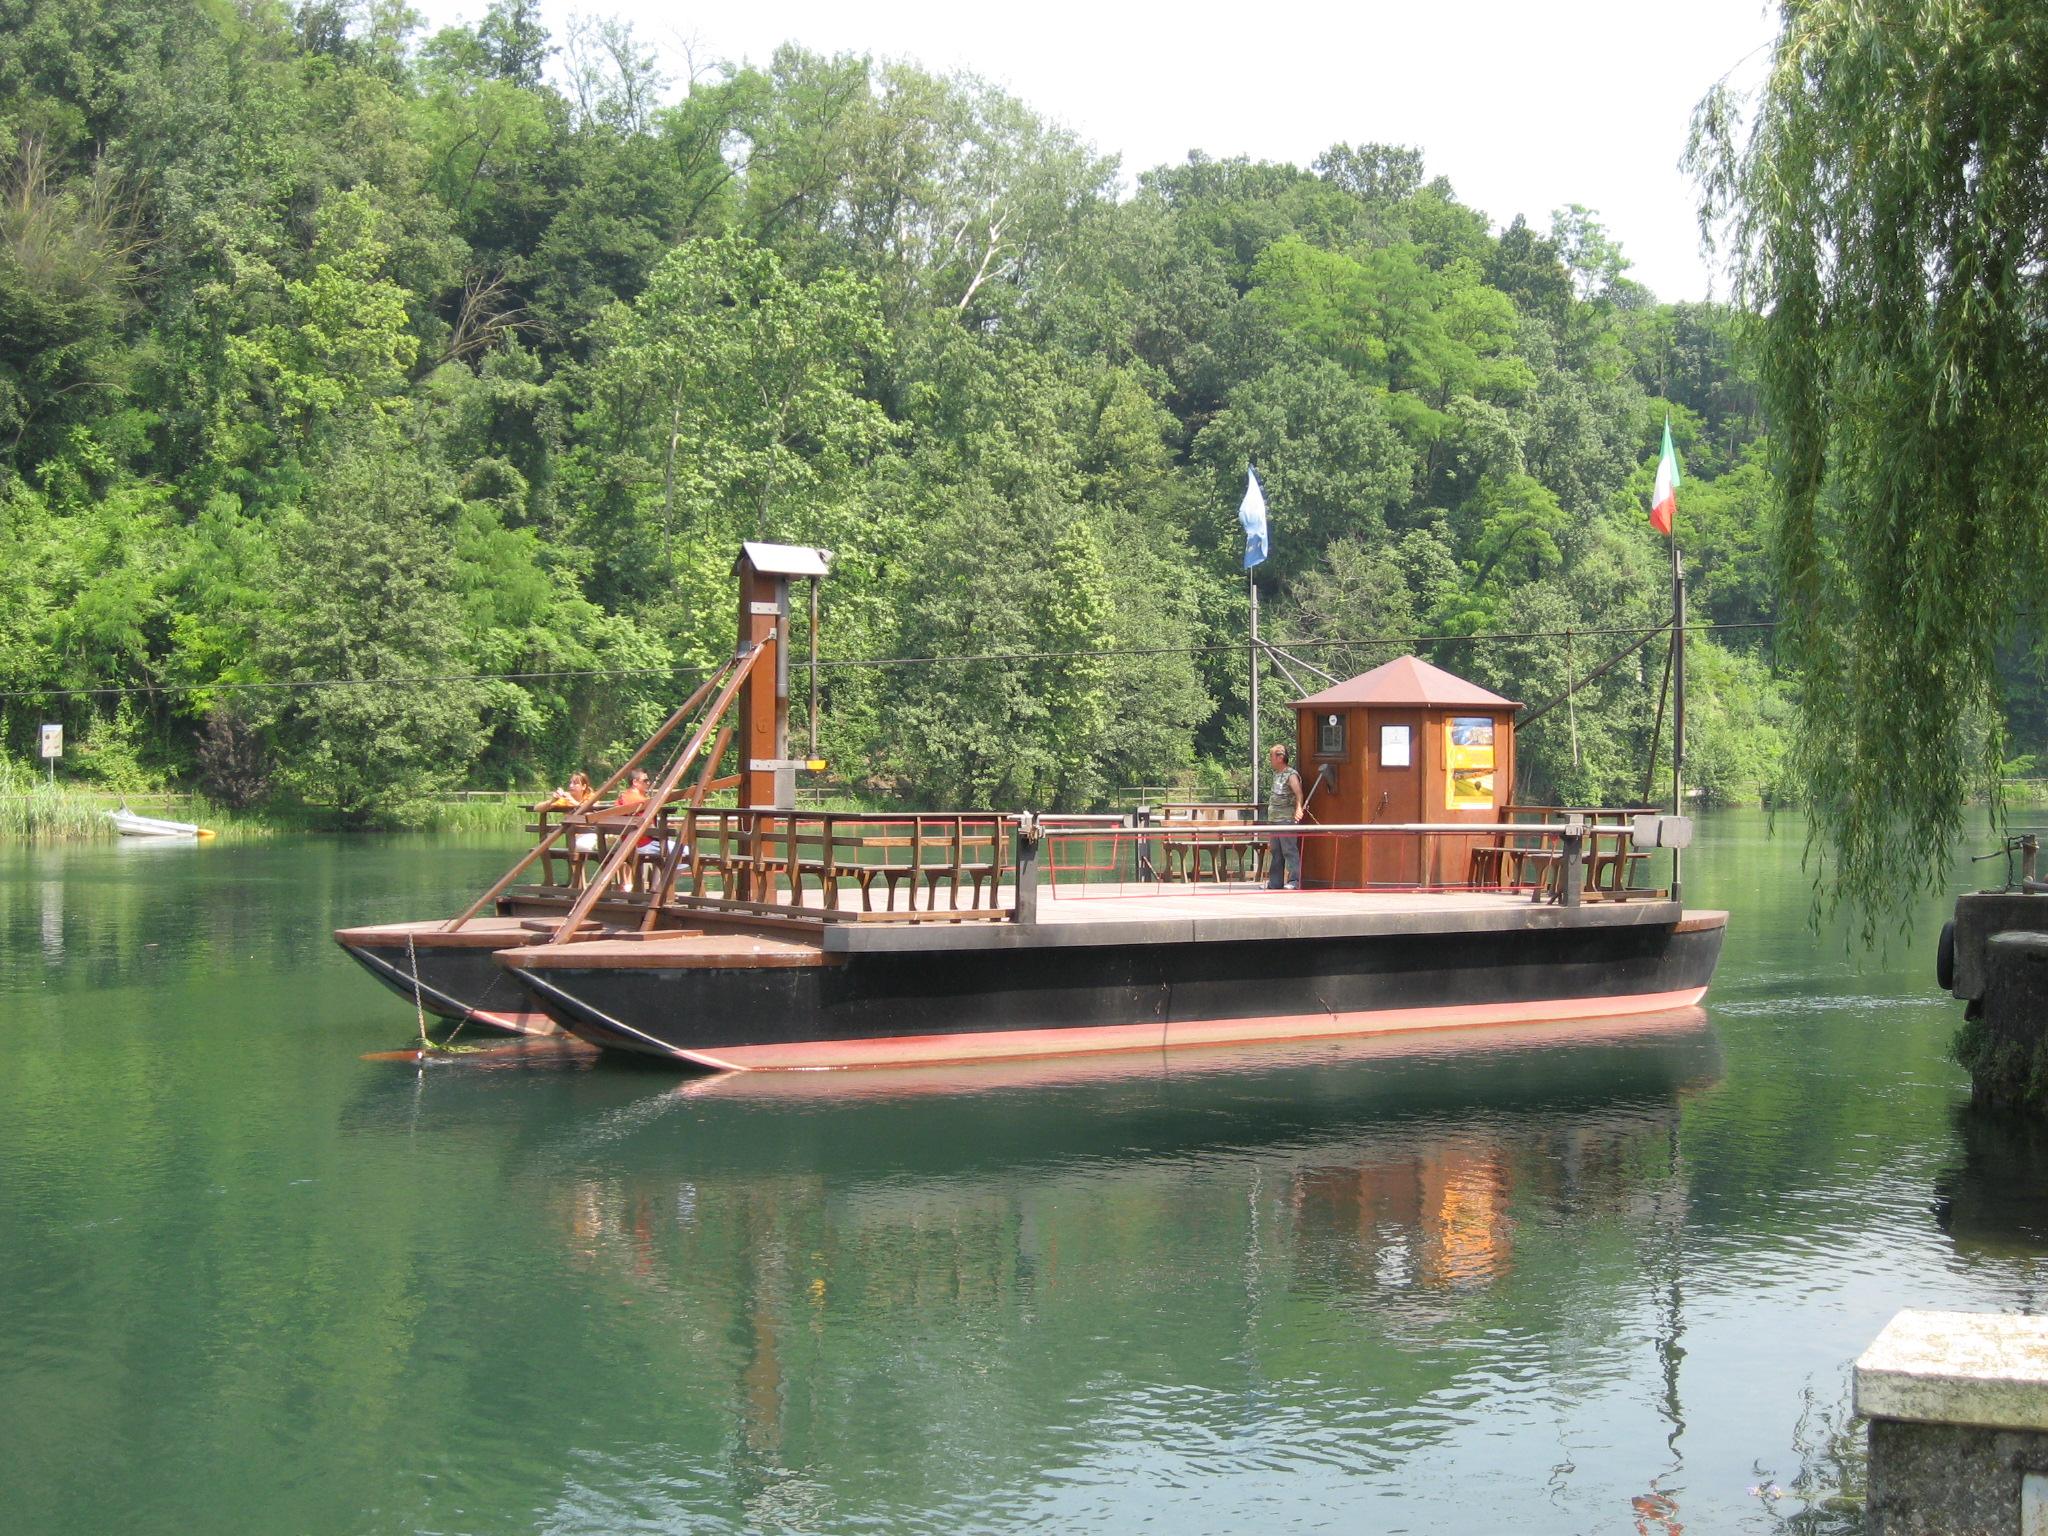 traghetto in legno ideato da Leonardo